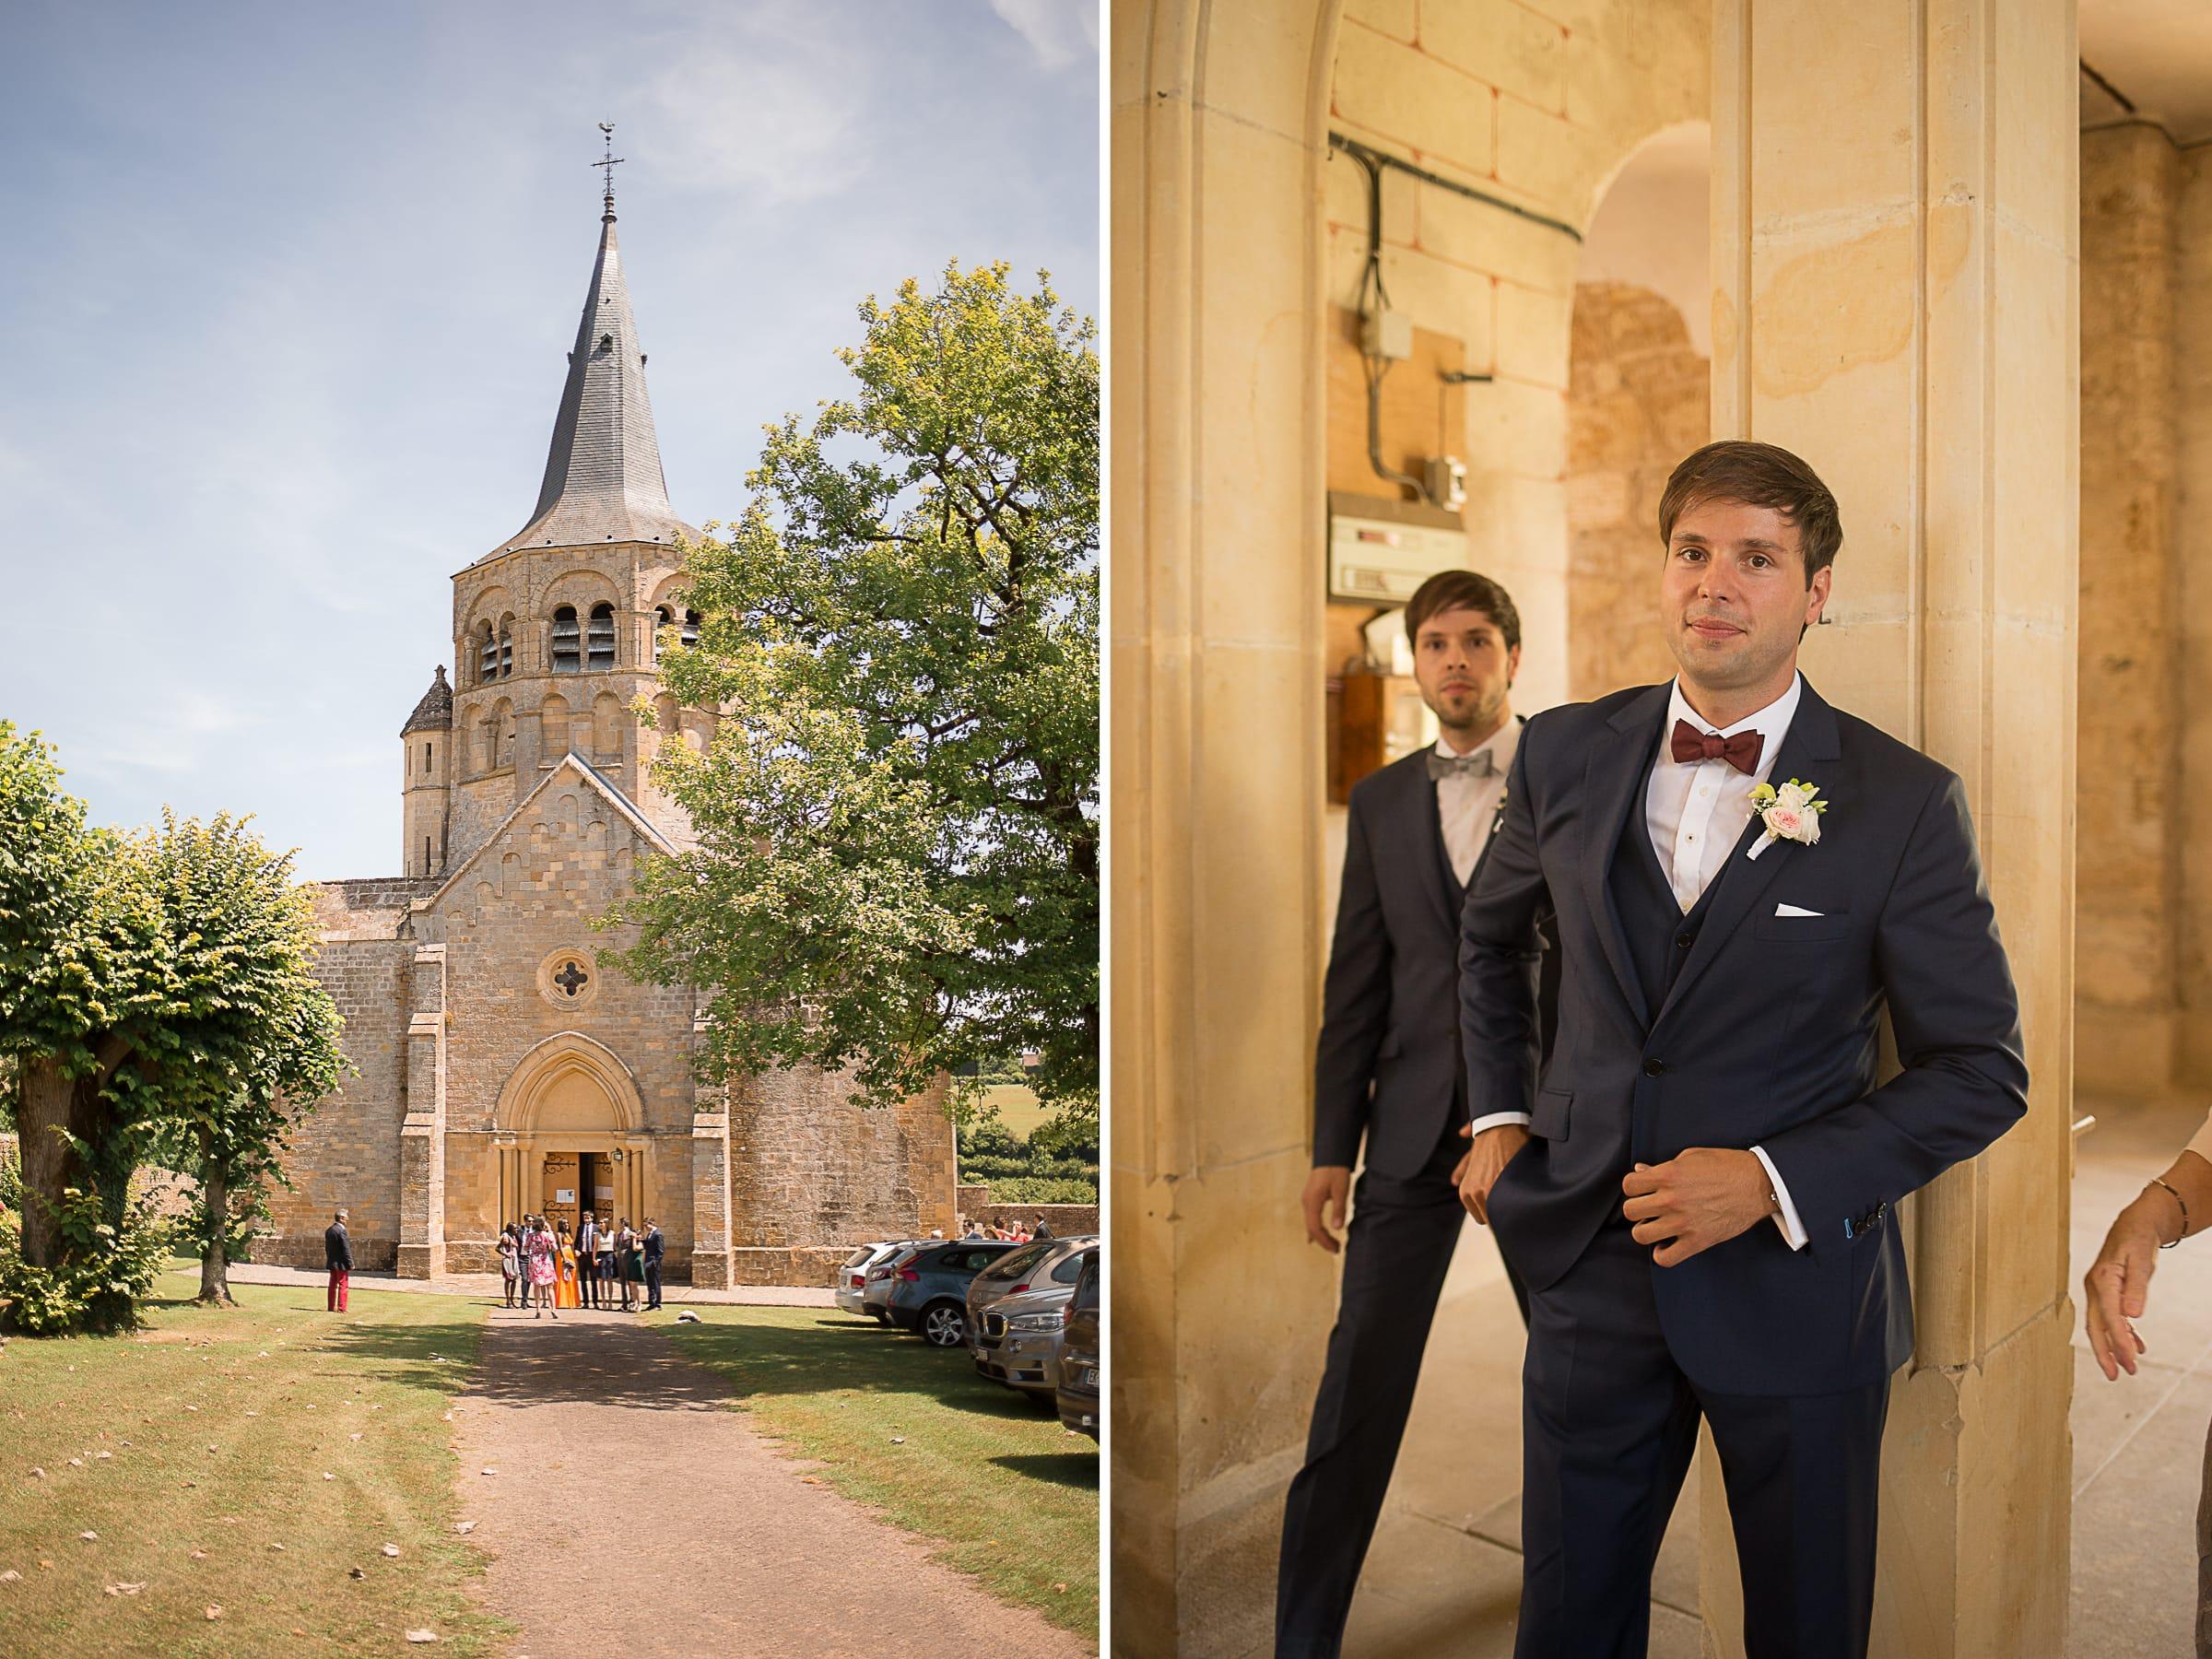 Arrivée du futur marié à l'église